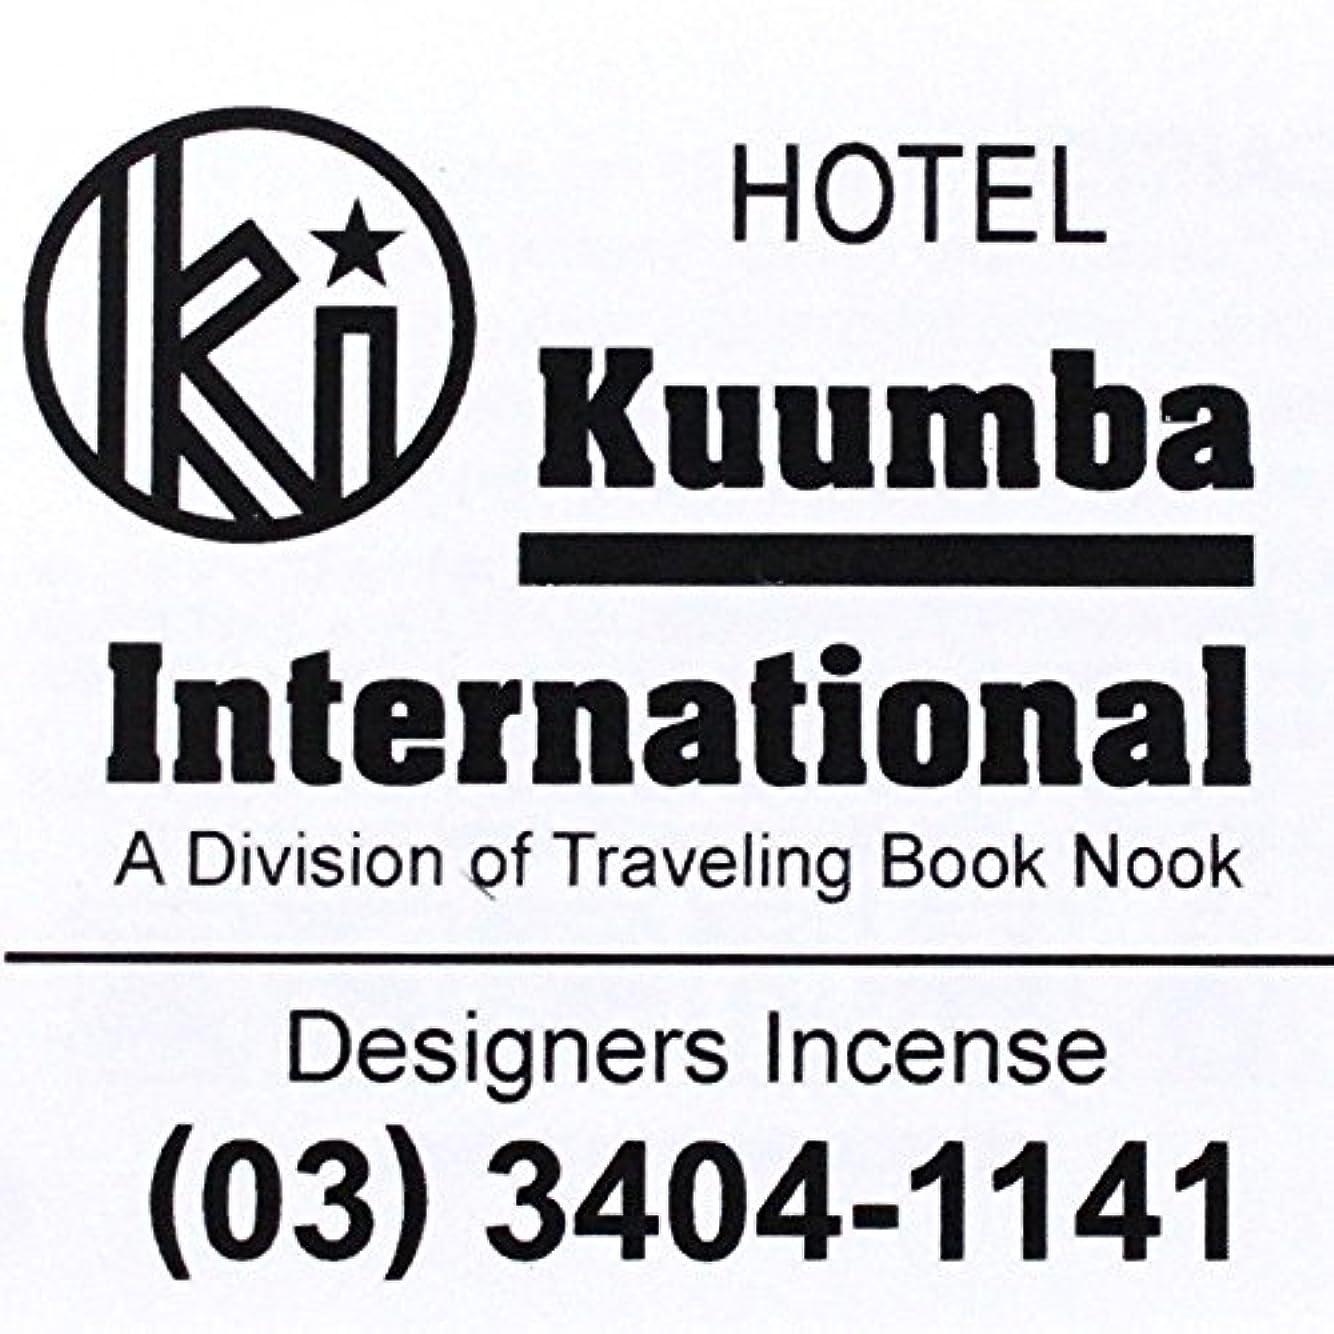 スーツケース語調べる(クンバ) KUUMBA『incense』(HOTEL) (Regular size)